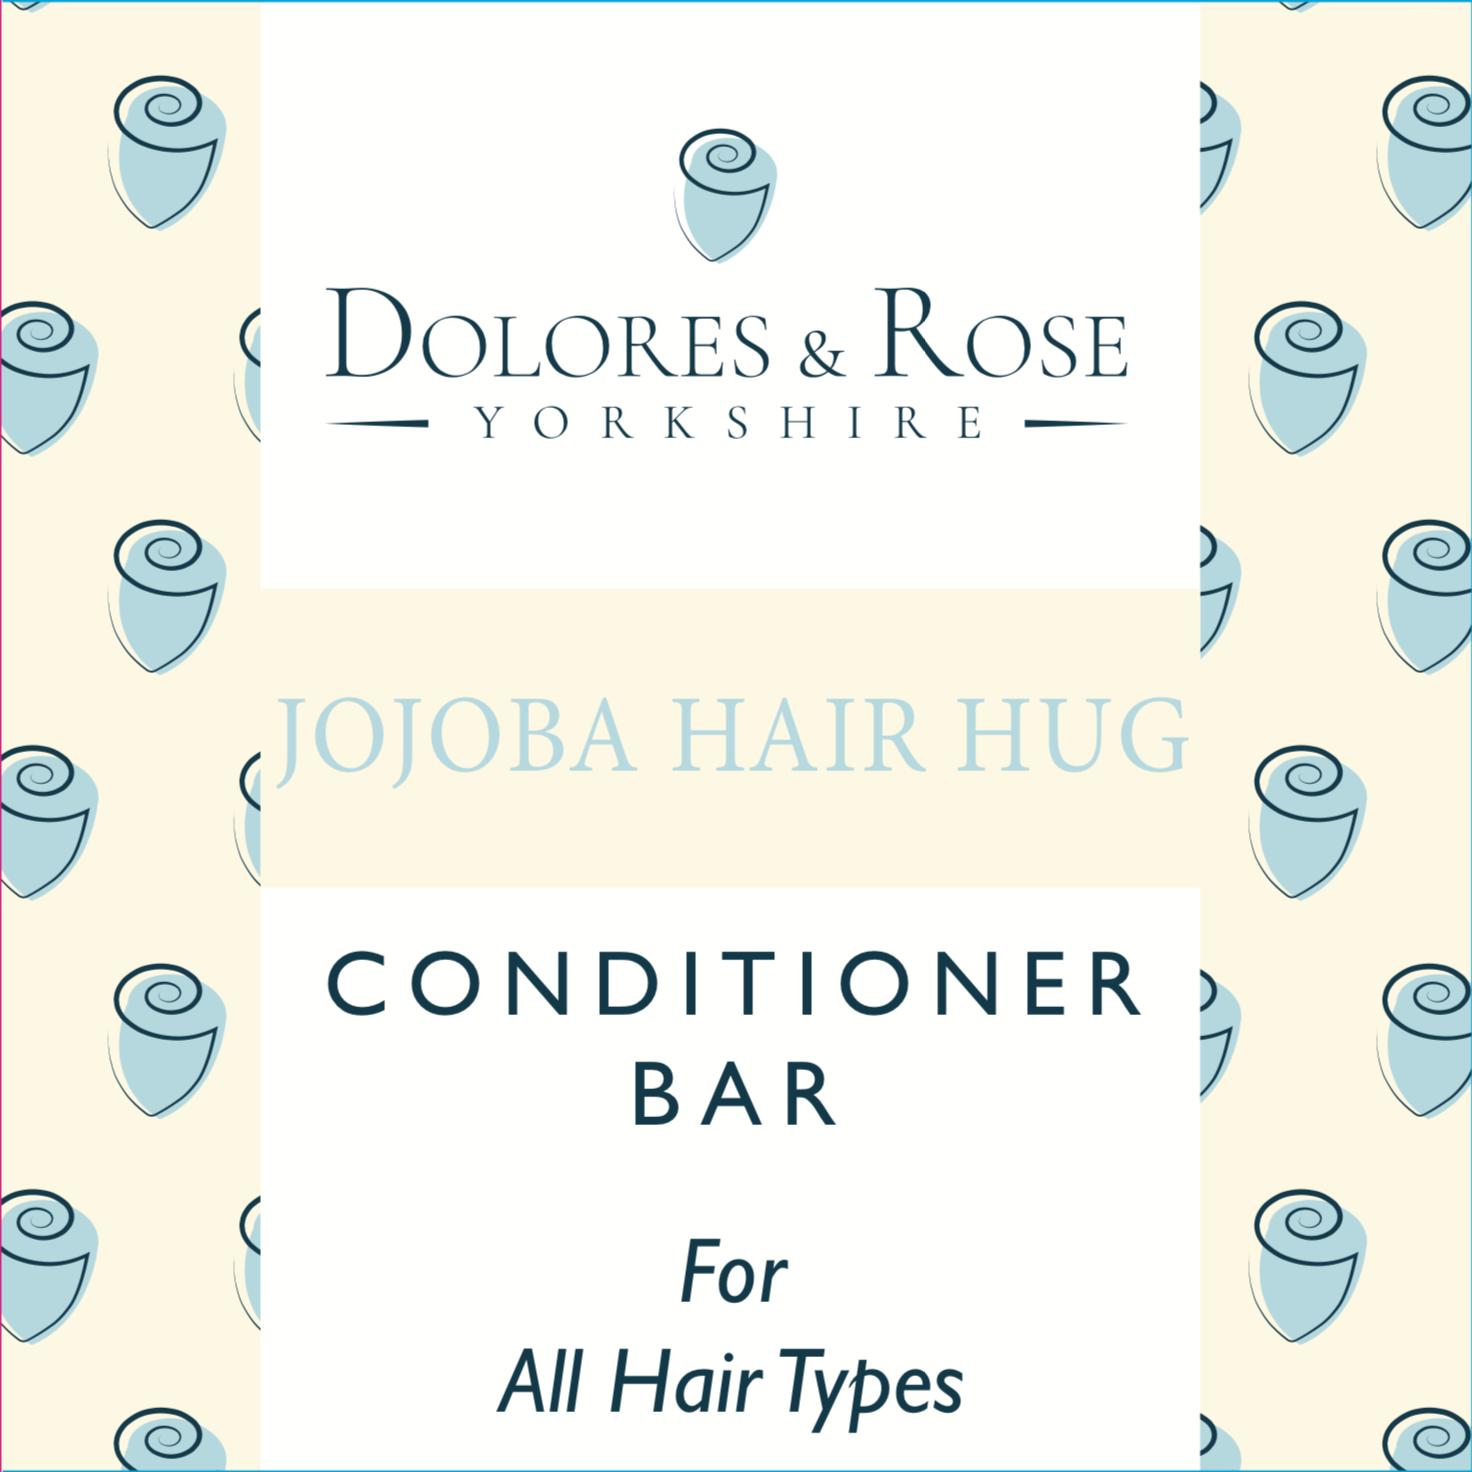 Jojoba Hair Hug Conditioner Bar